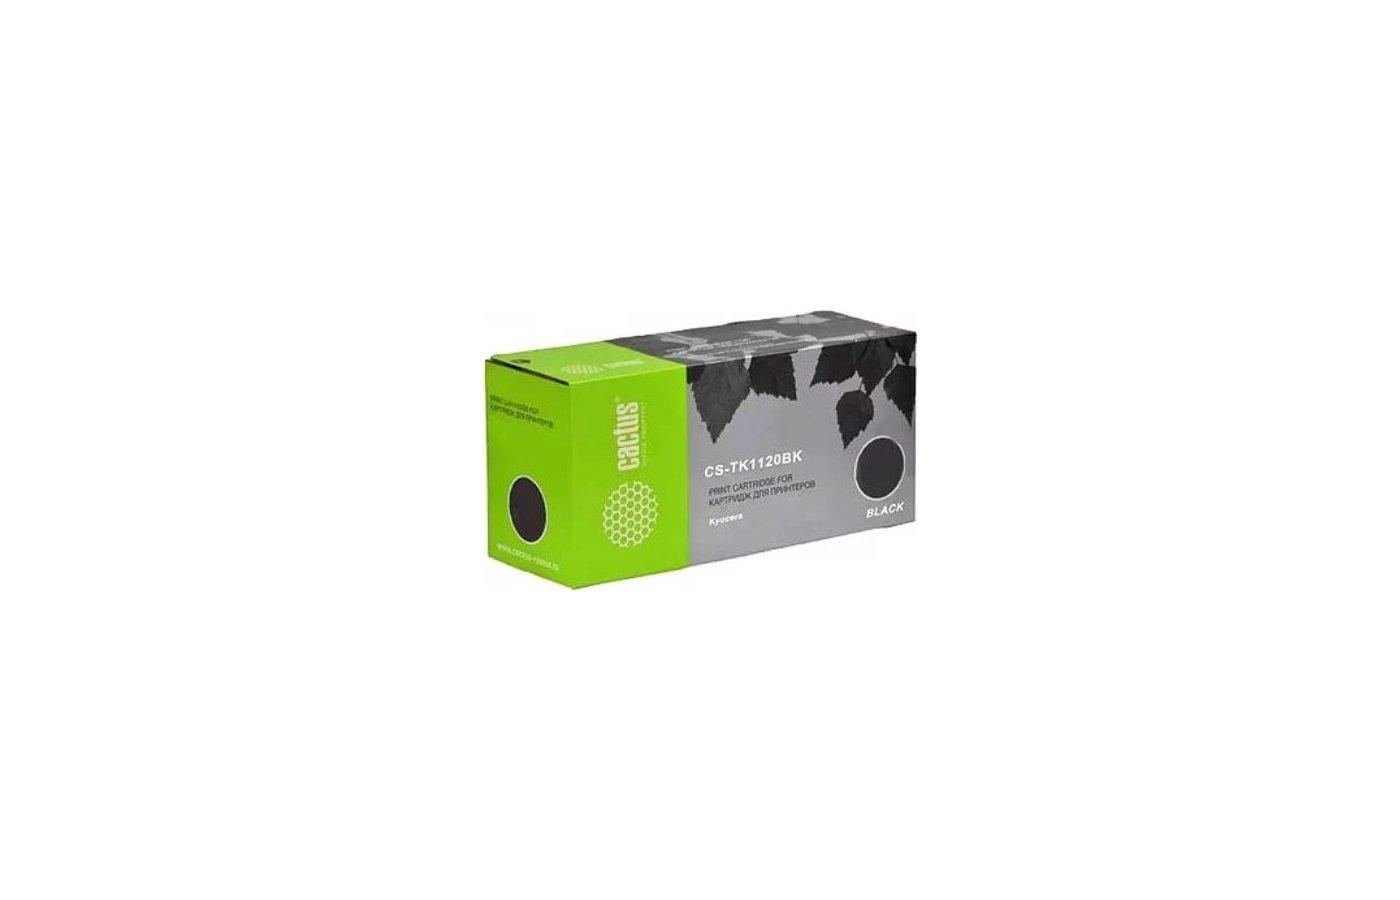 Картридж лазерный Cactus CS-TK1120BK черный для Kyocera FS 1025MFP/1060/1060DN/1125/1125MFP (3000стр.)